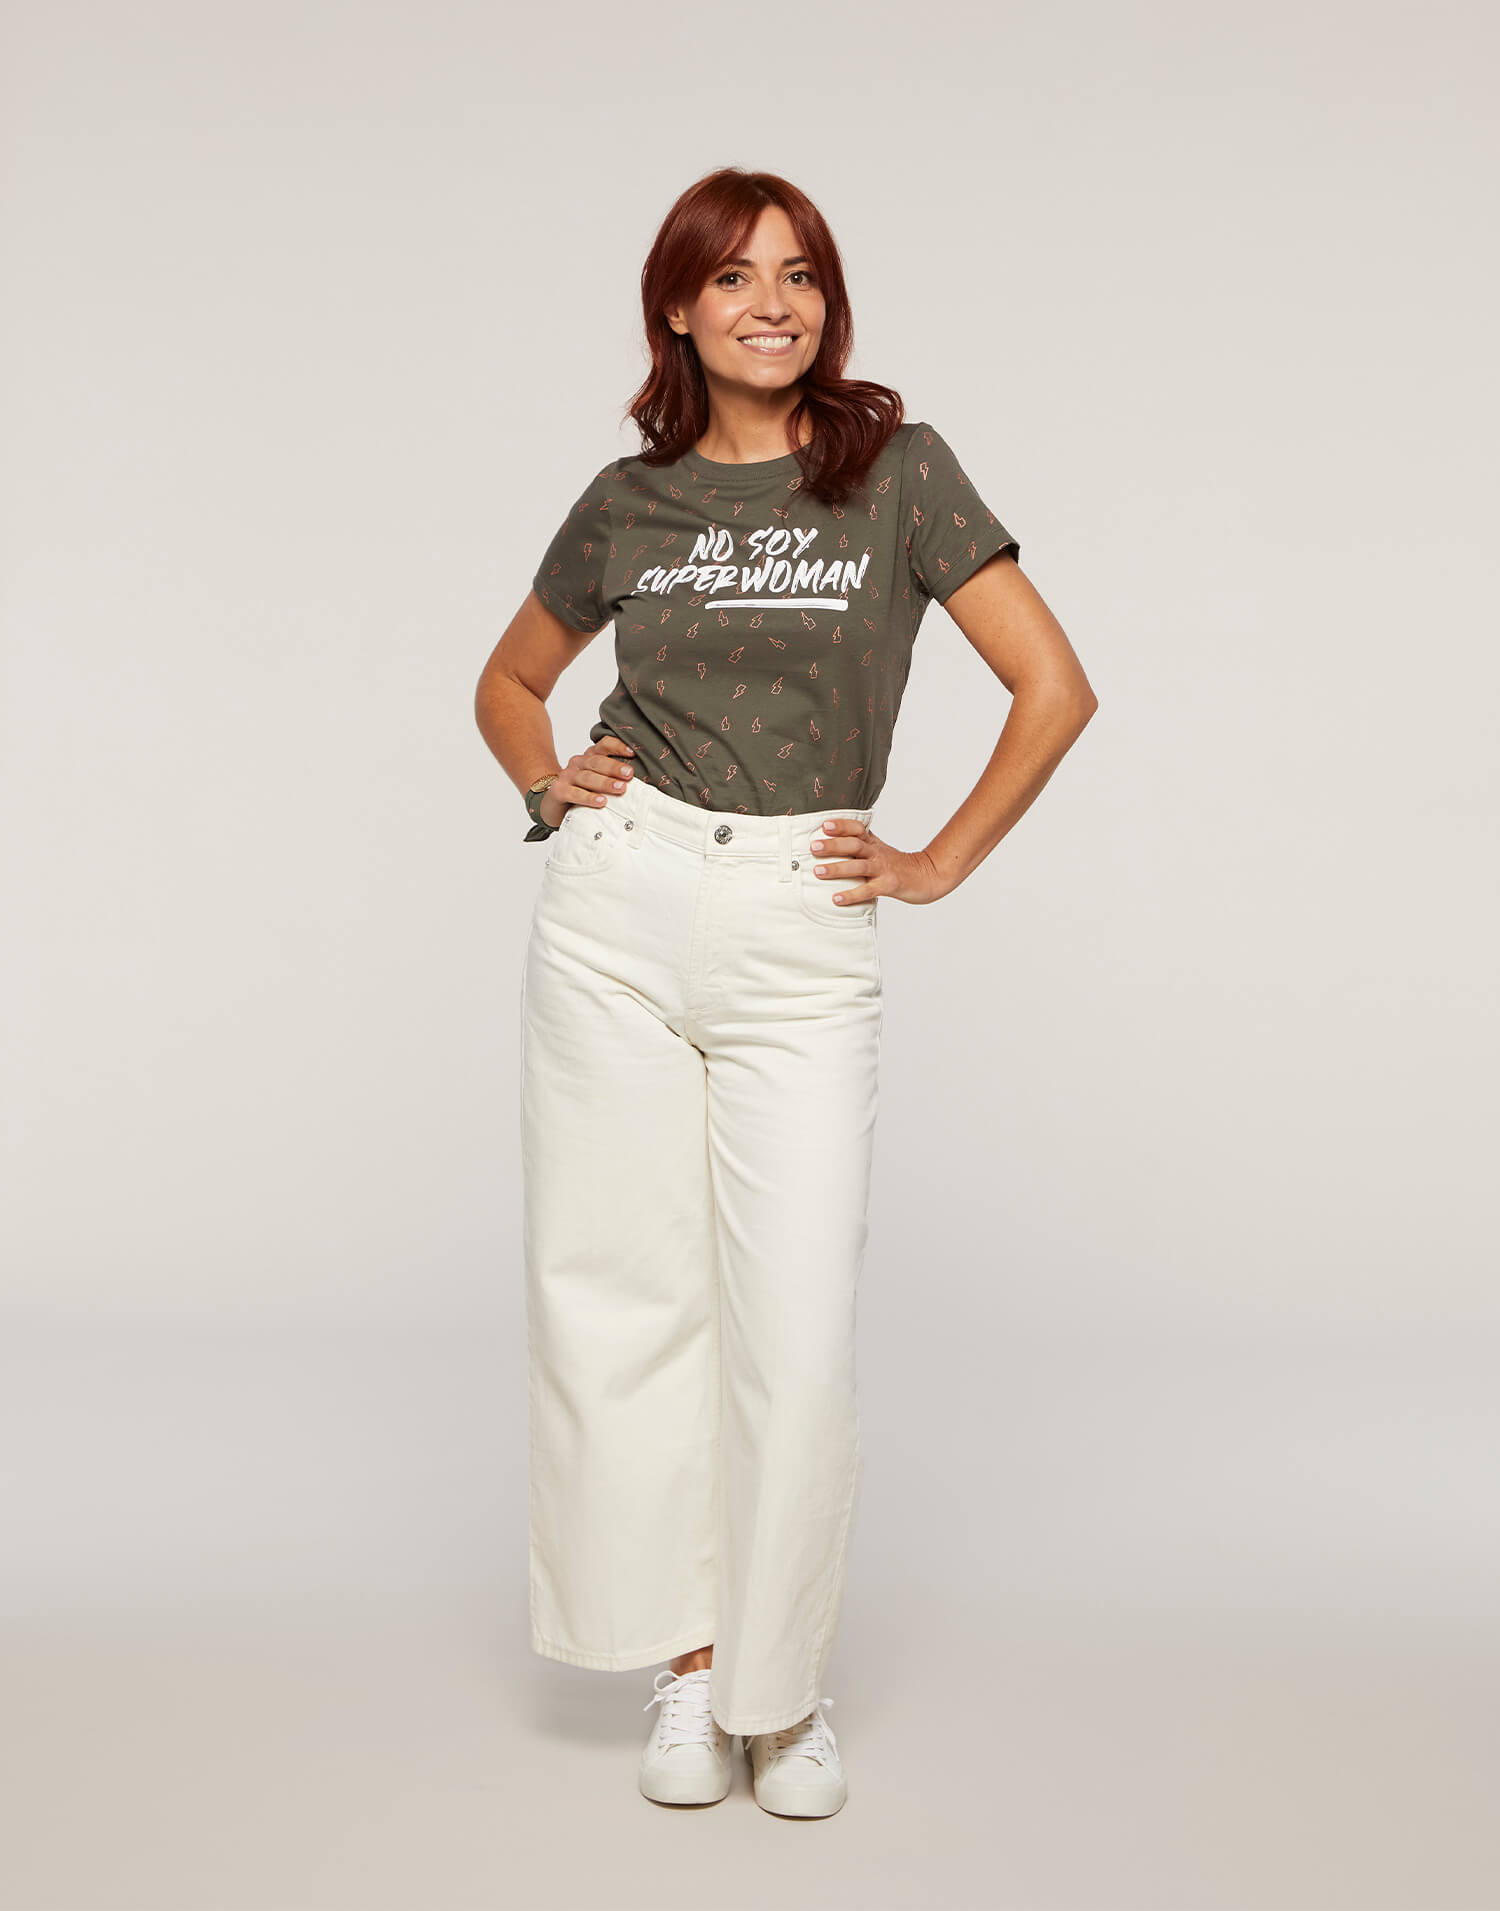 Camiseta rayos Malamadre